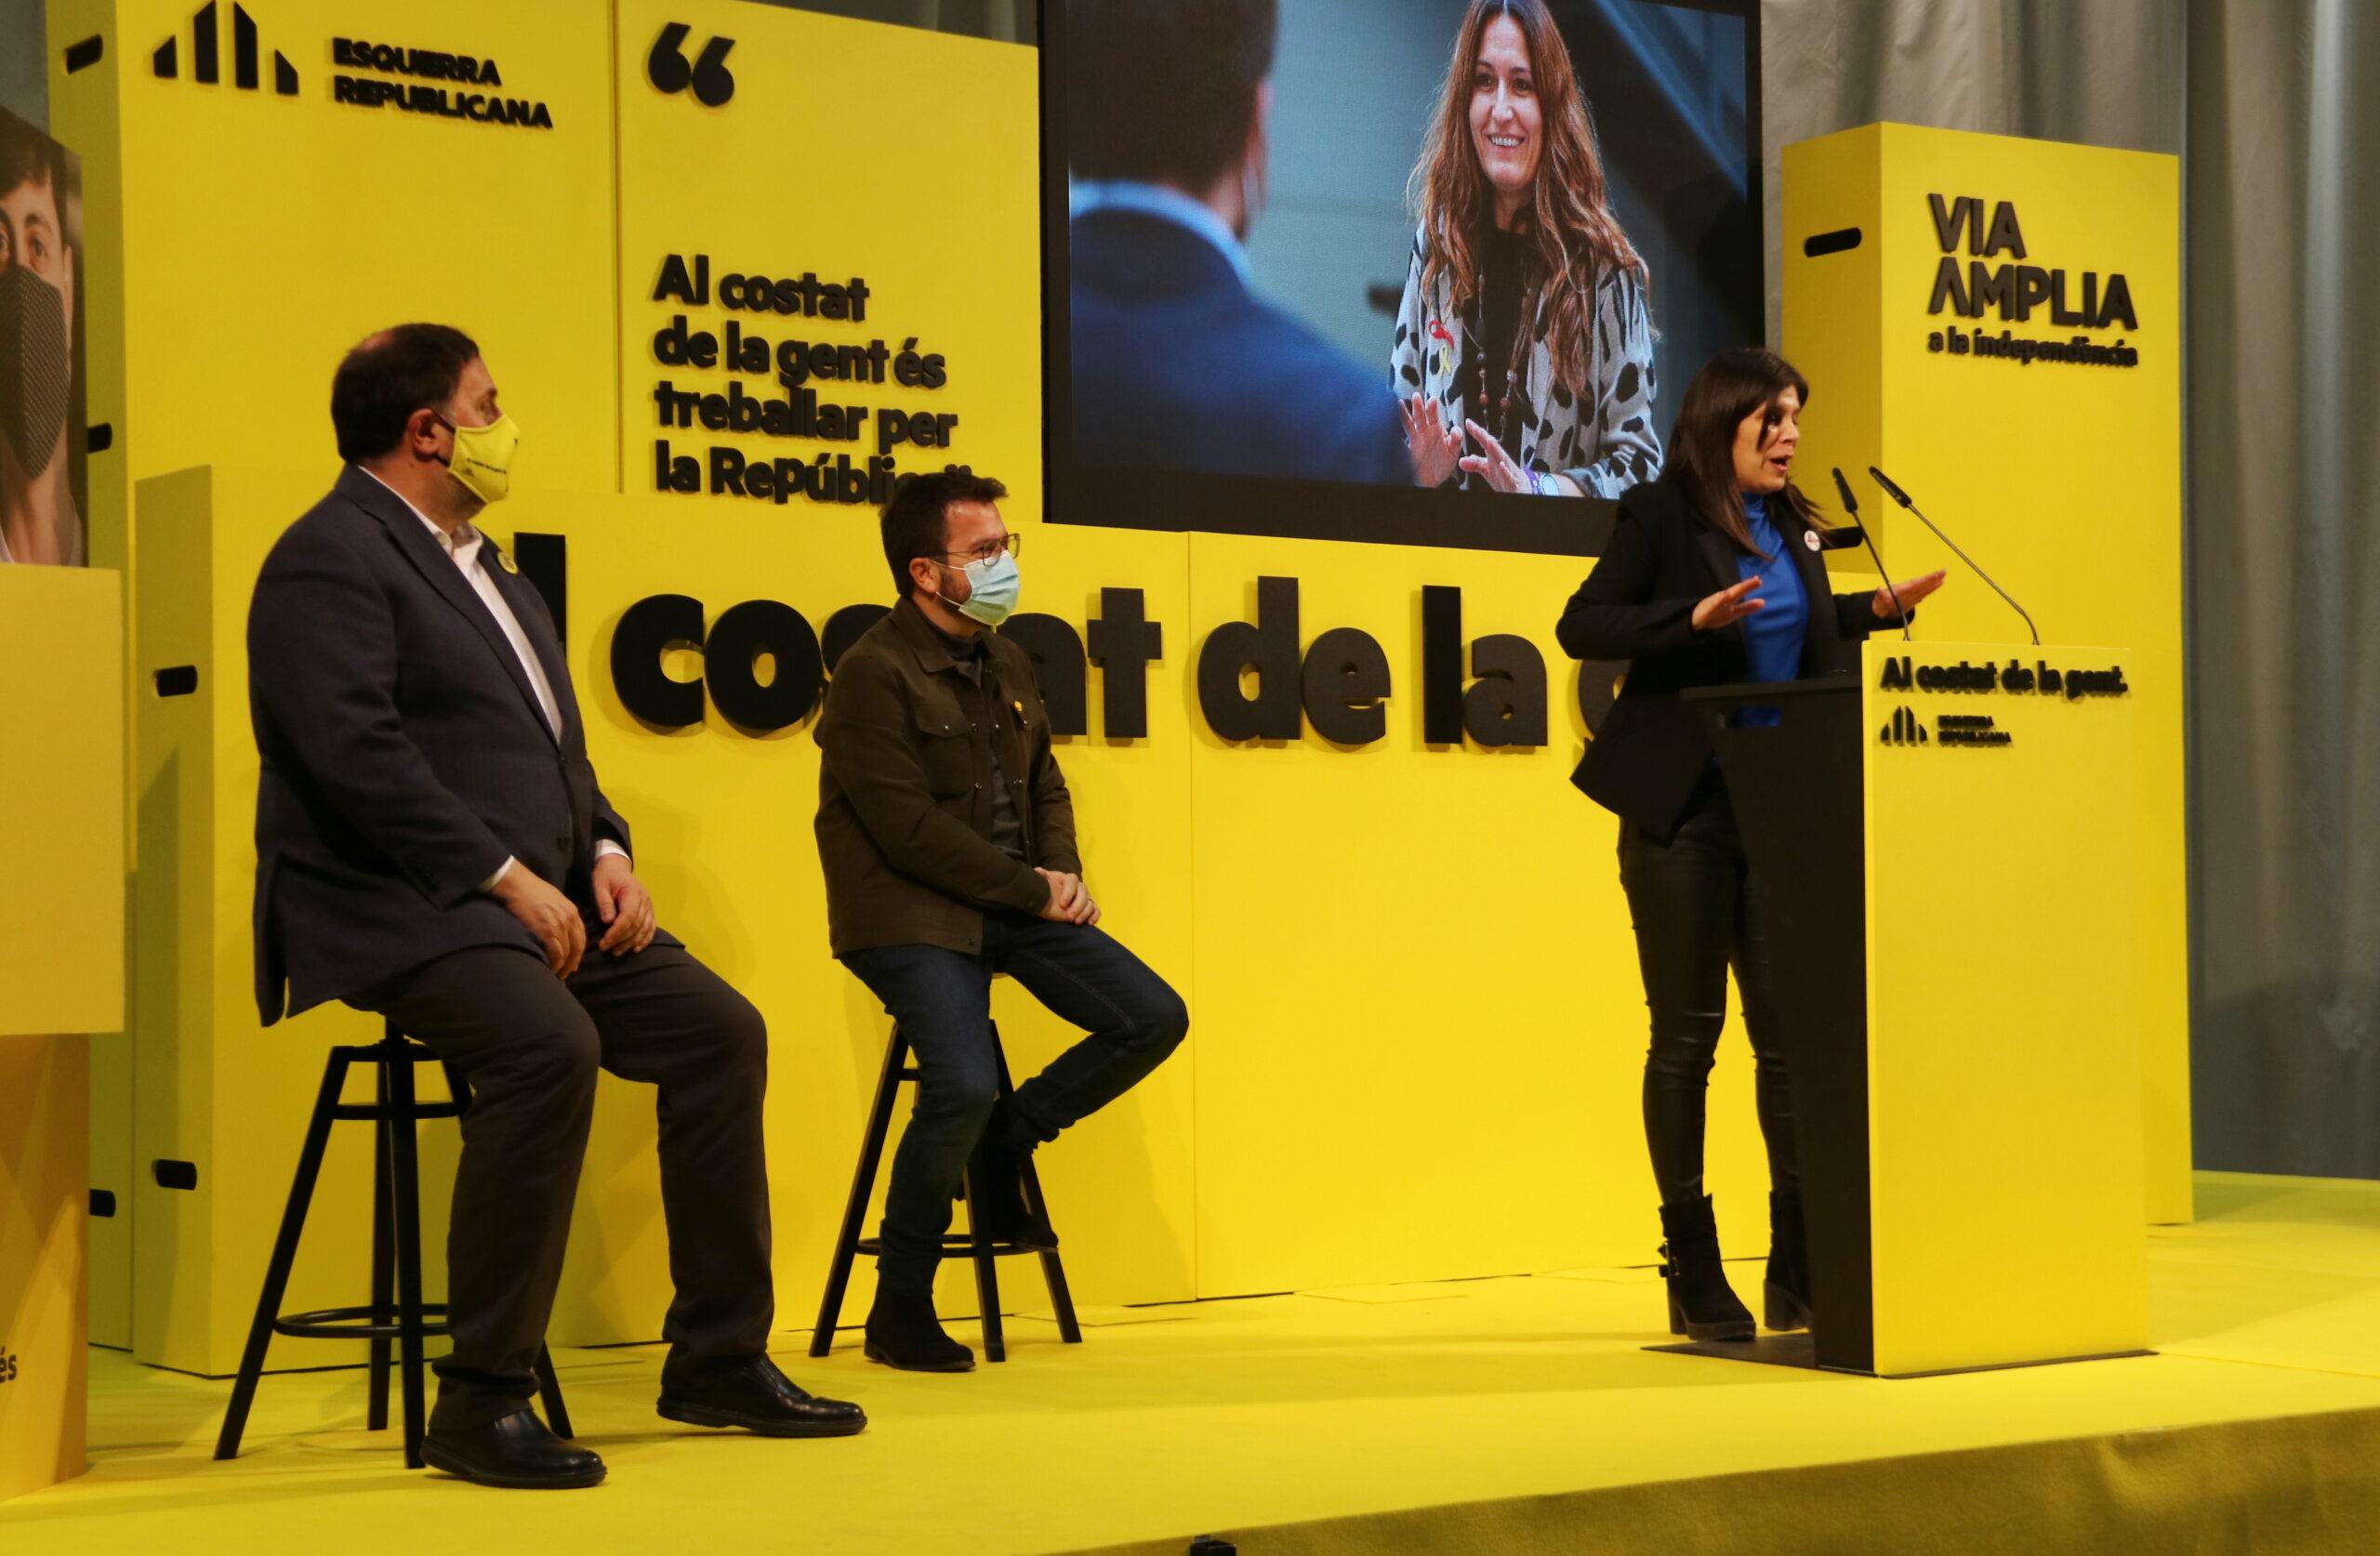 Míting d'ERC a Lleida, amb Oriol Junqueras ACN